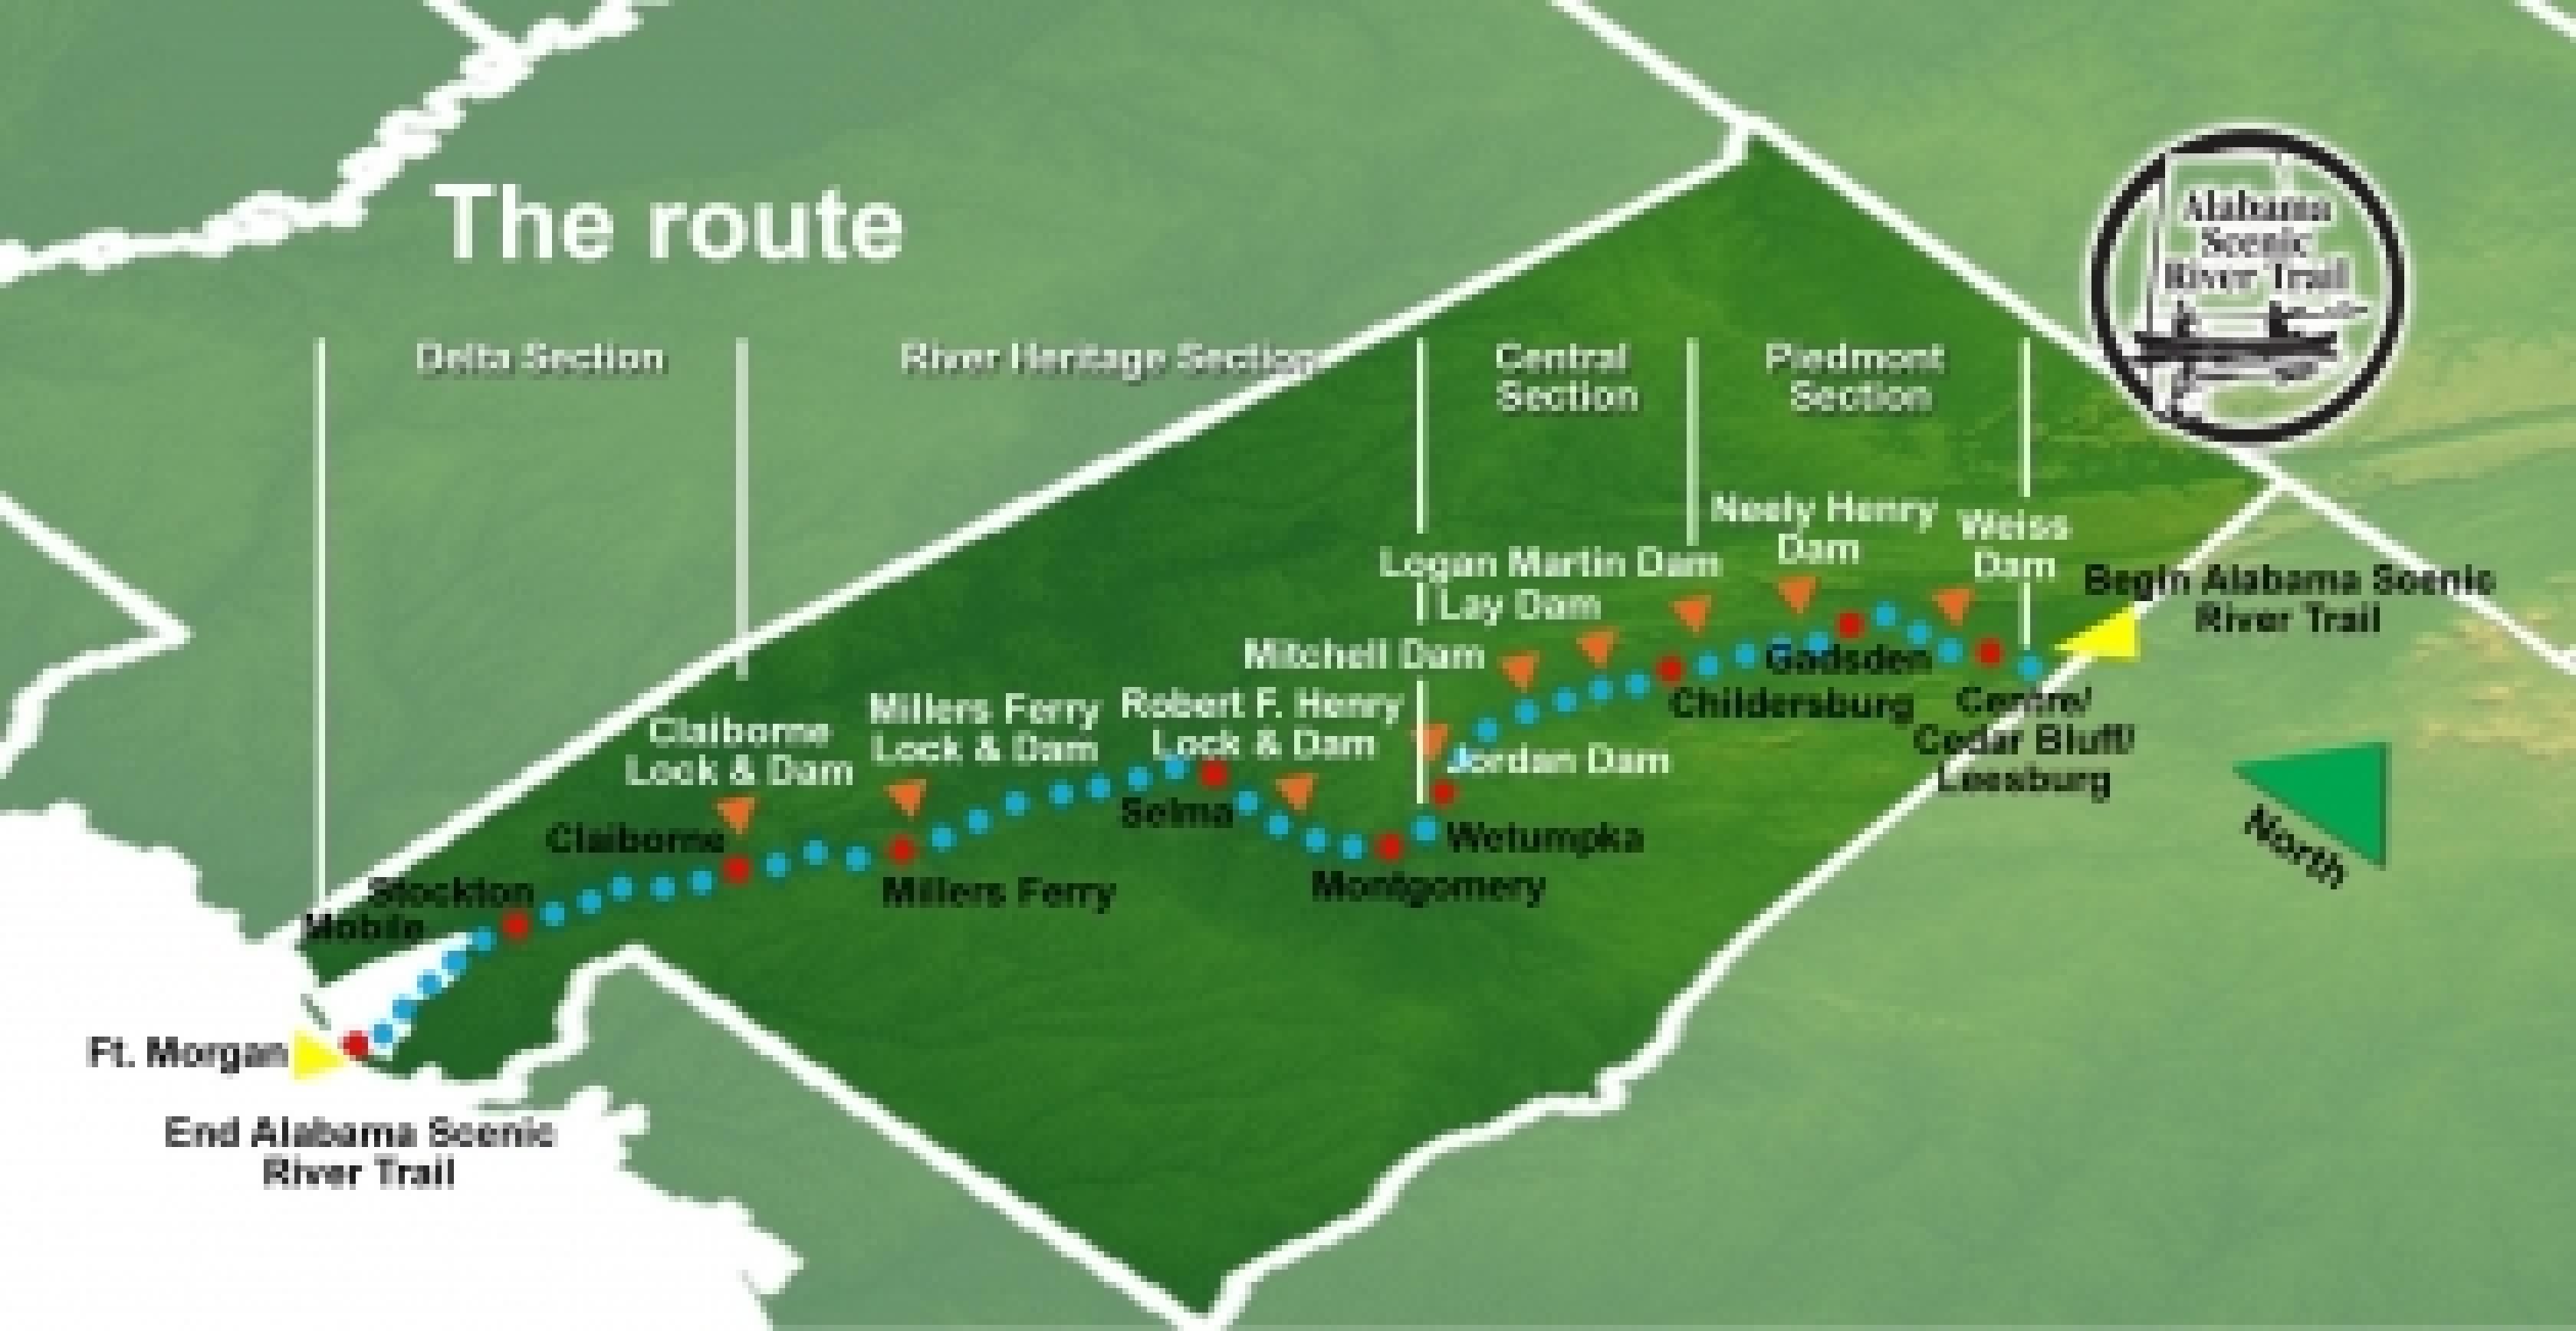 Descripción del mapa del sendero escénico de Alabama